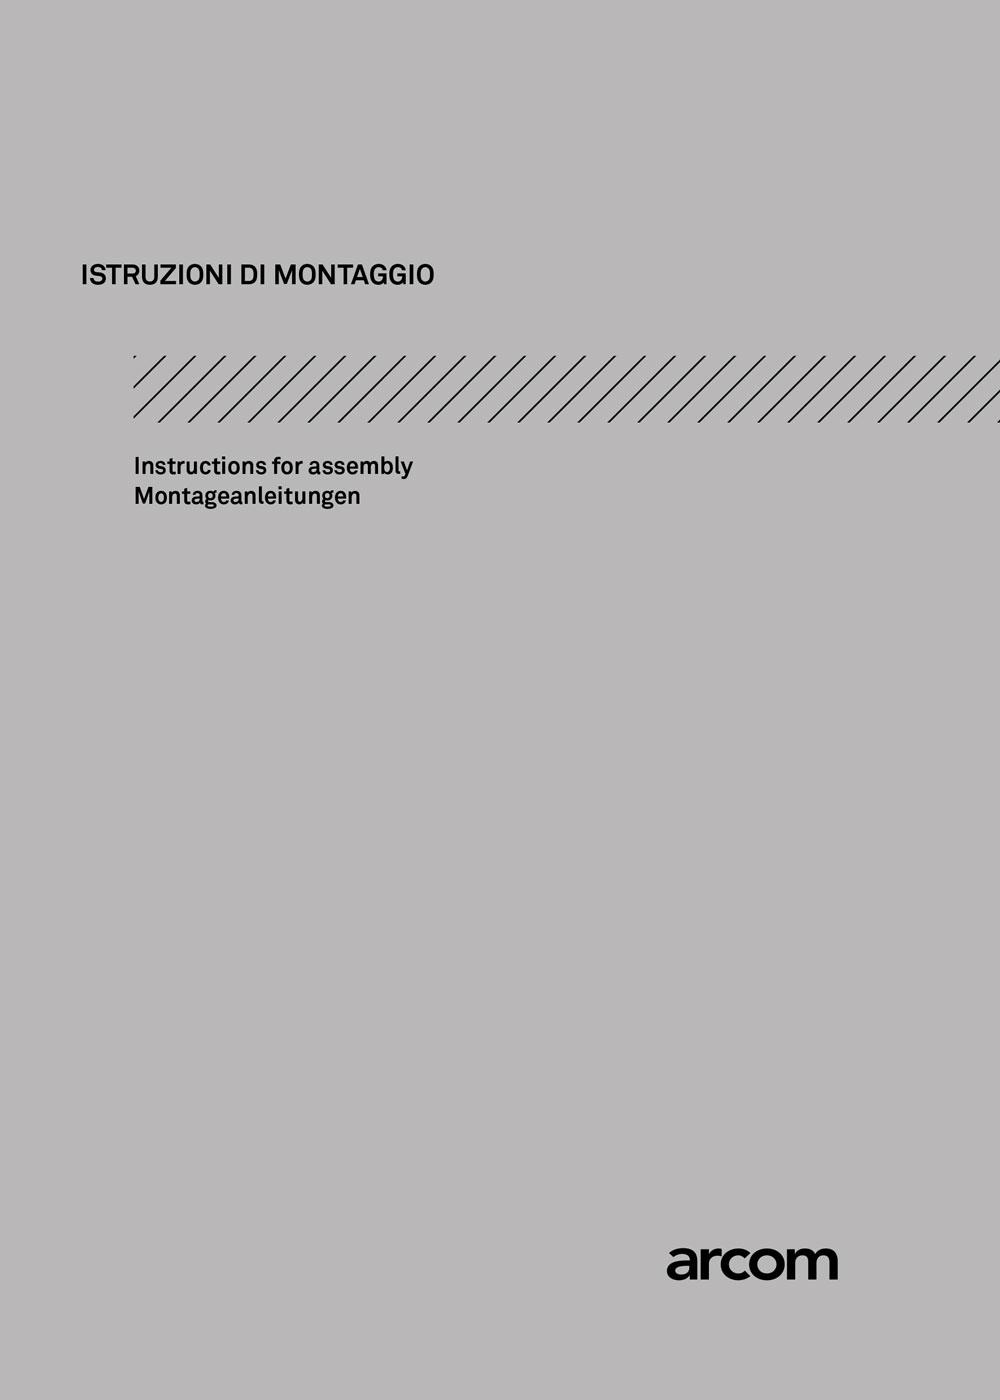 istruzioni-di-montaggio-2019---copertina.jpg